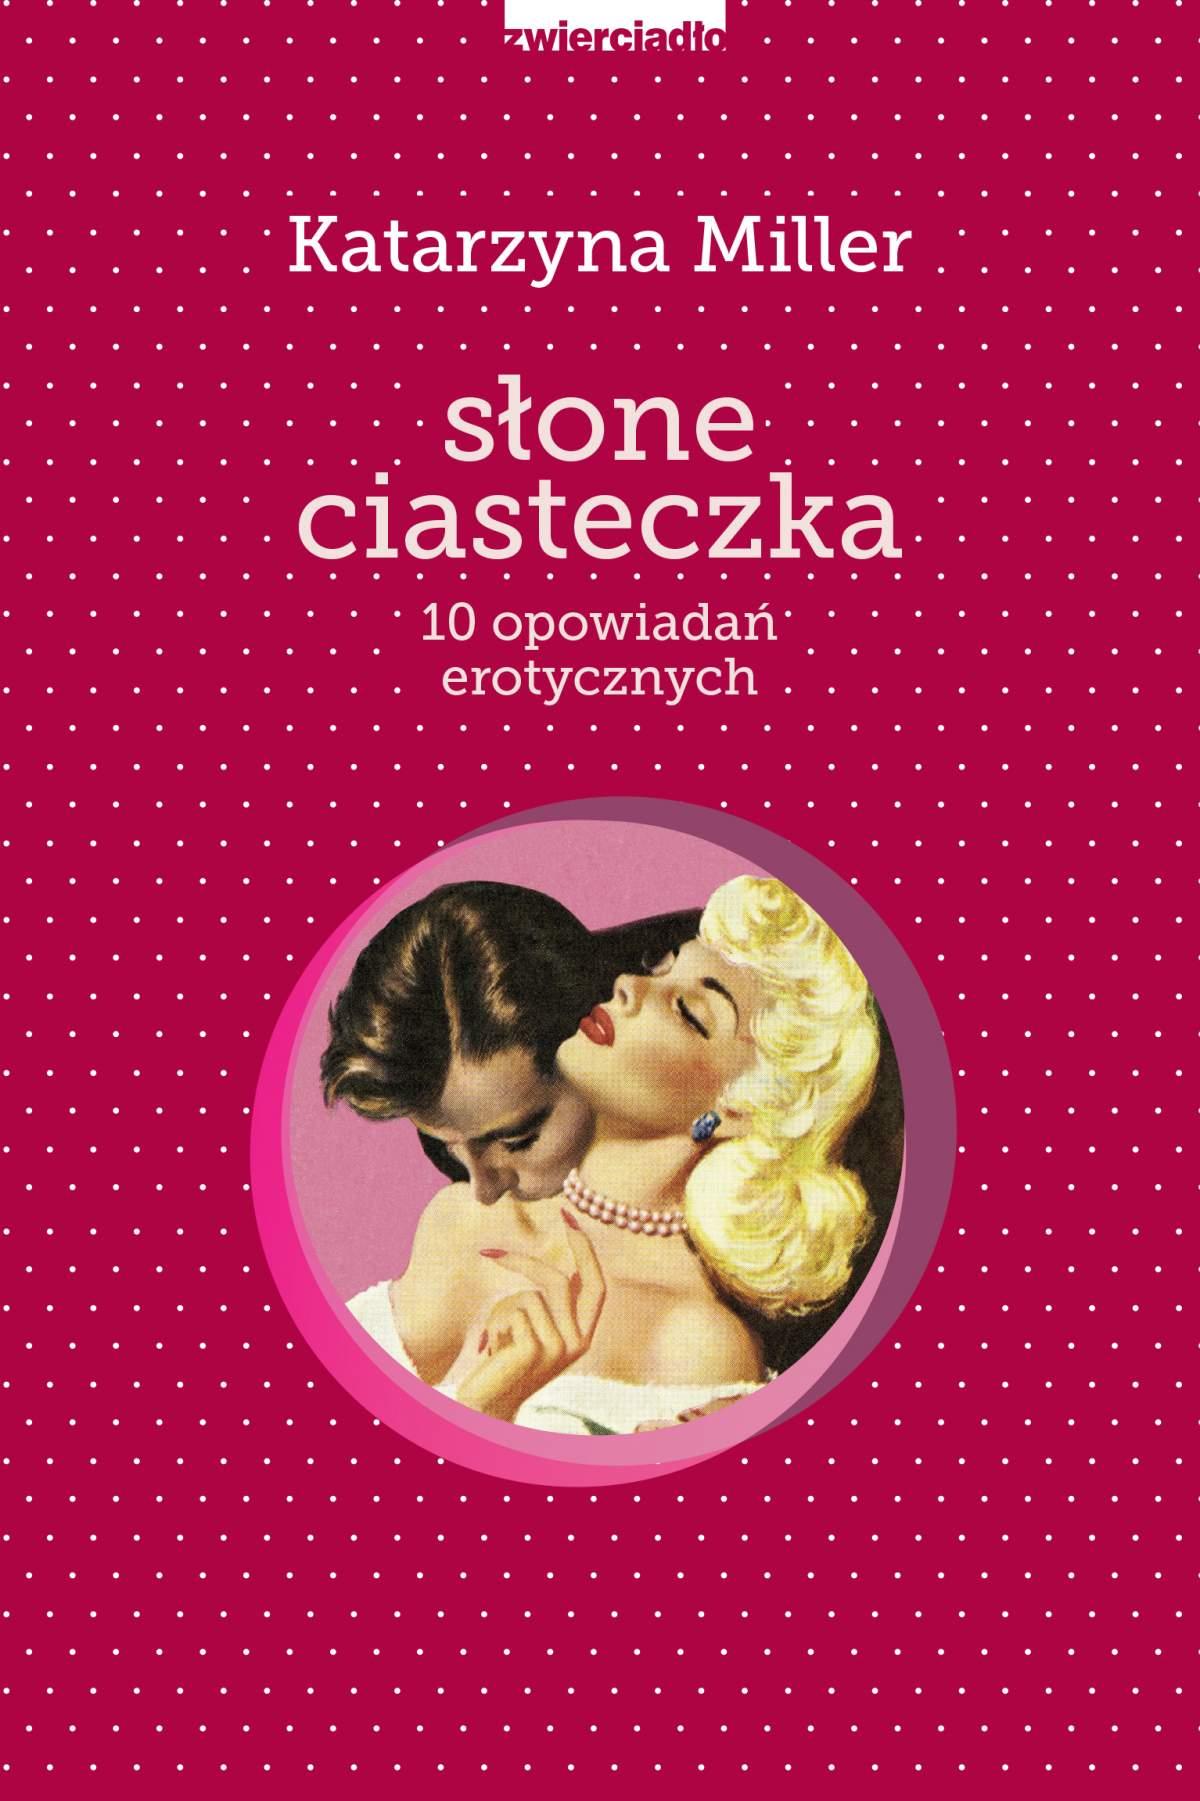 Słone ciasteczka. 10 opowiadań erotycznych - Ebook (Książka na Kindle) do pobrania w formacie MOBI